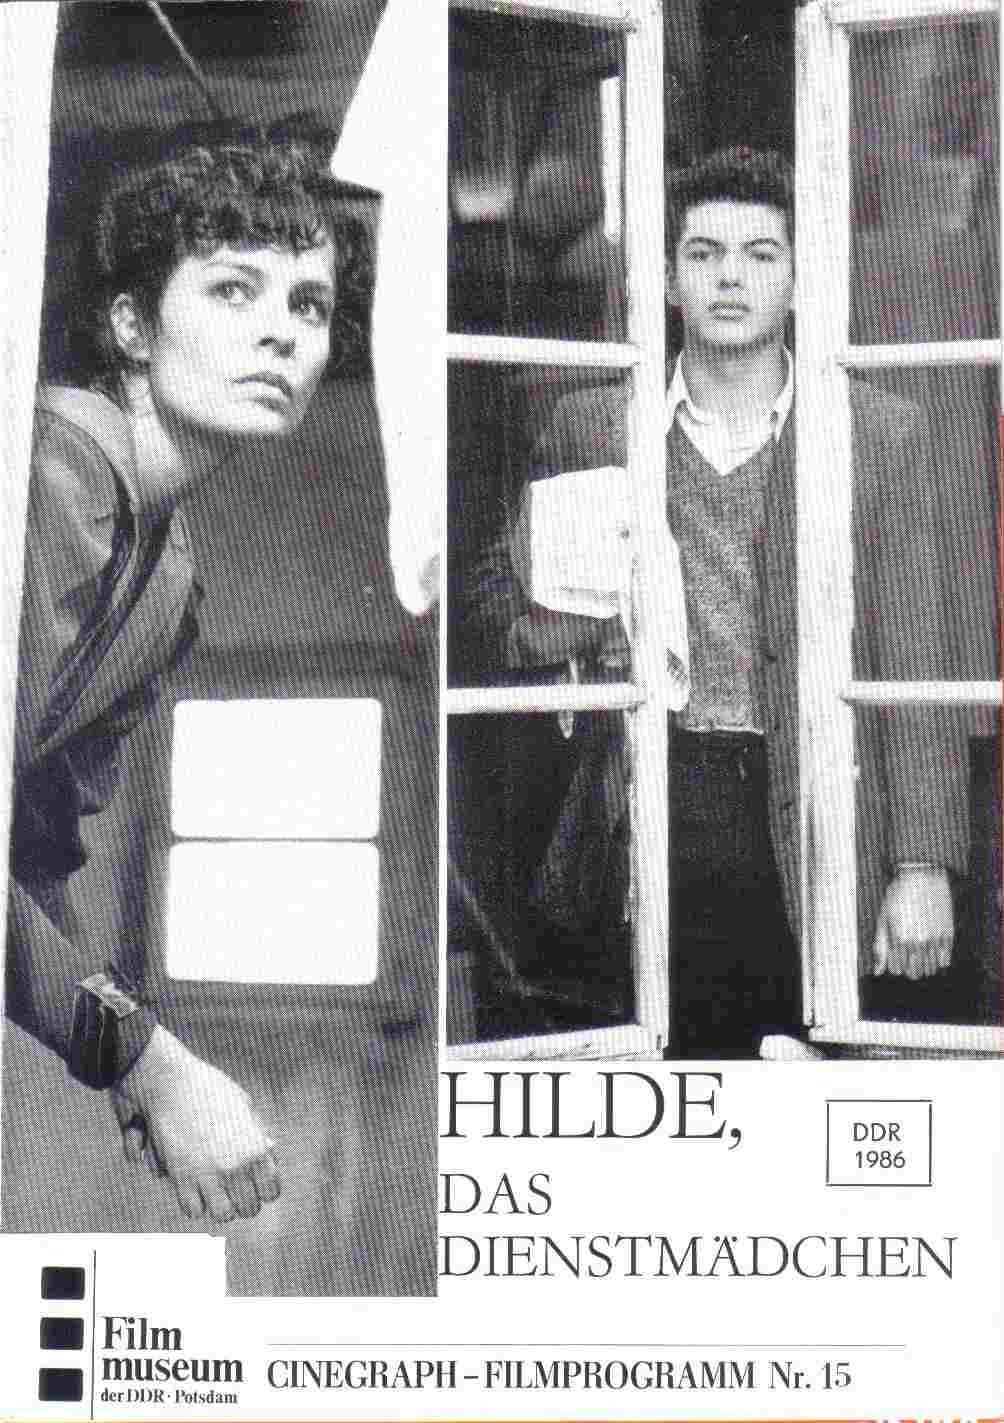 Hilde, das Dienstmädchen